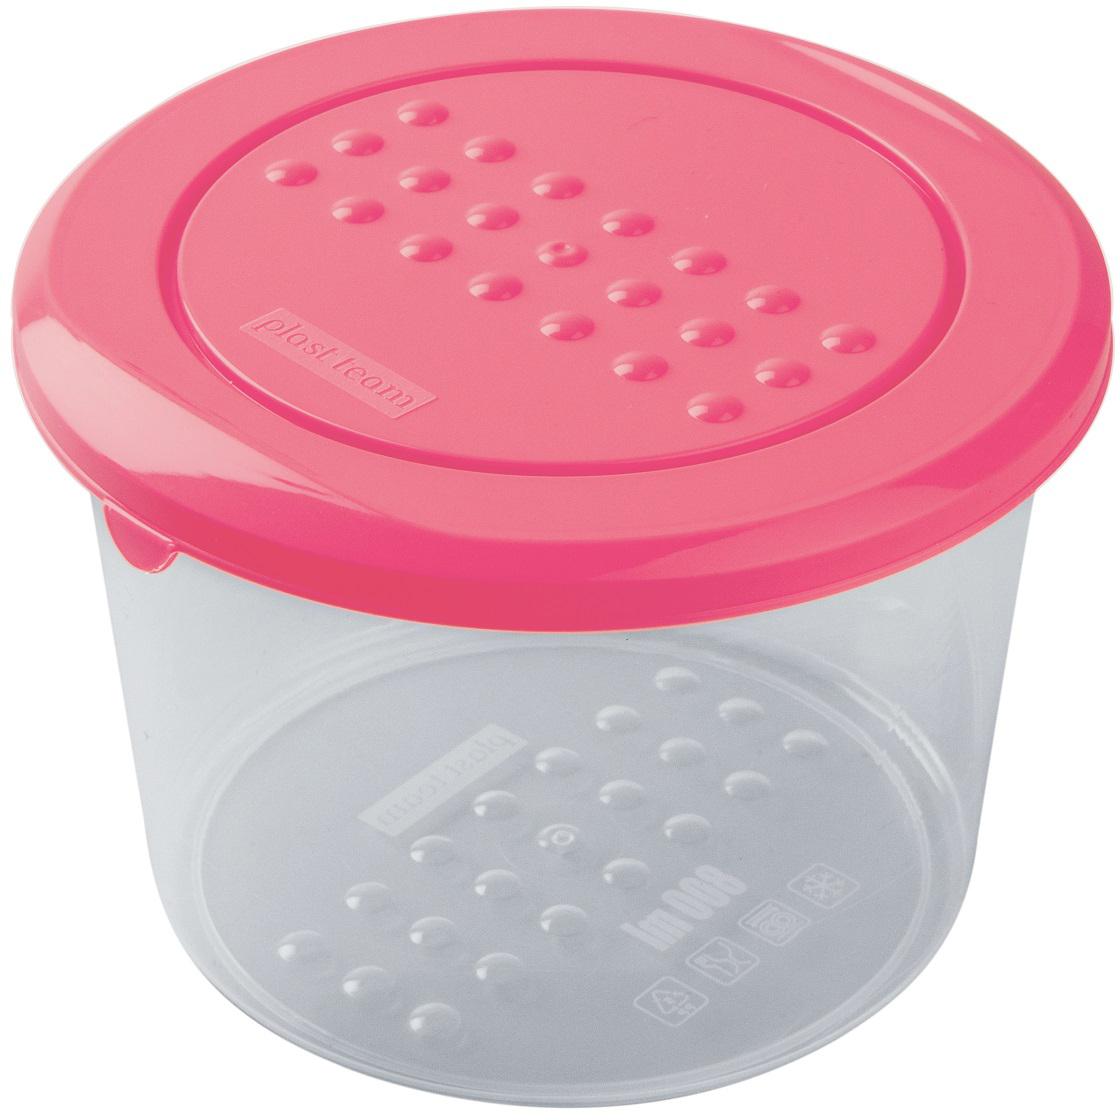 Контейнер пищевой Plast Team Pattern, цвет: коралловый, 800 млPT1099КОРАЛ-22РNЛегкая, прочная емкость предназначена для хранения продуктов, заморозки, разогревания в СВЧ, переноски обедов. Уникальный узор в виде пузырьков решает несколько задач: не скользят в руках; емкости одинаковой формы надежно устанавливаются друг на друга; приятные, тактильные ощущения от прикосновения.Использовать в СВЧ только для разогрева пищи (не более 3-х минут), при открытой крышке.